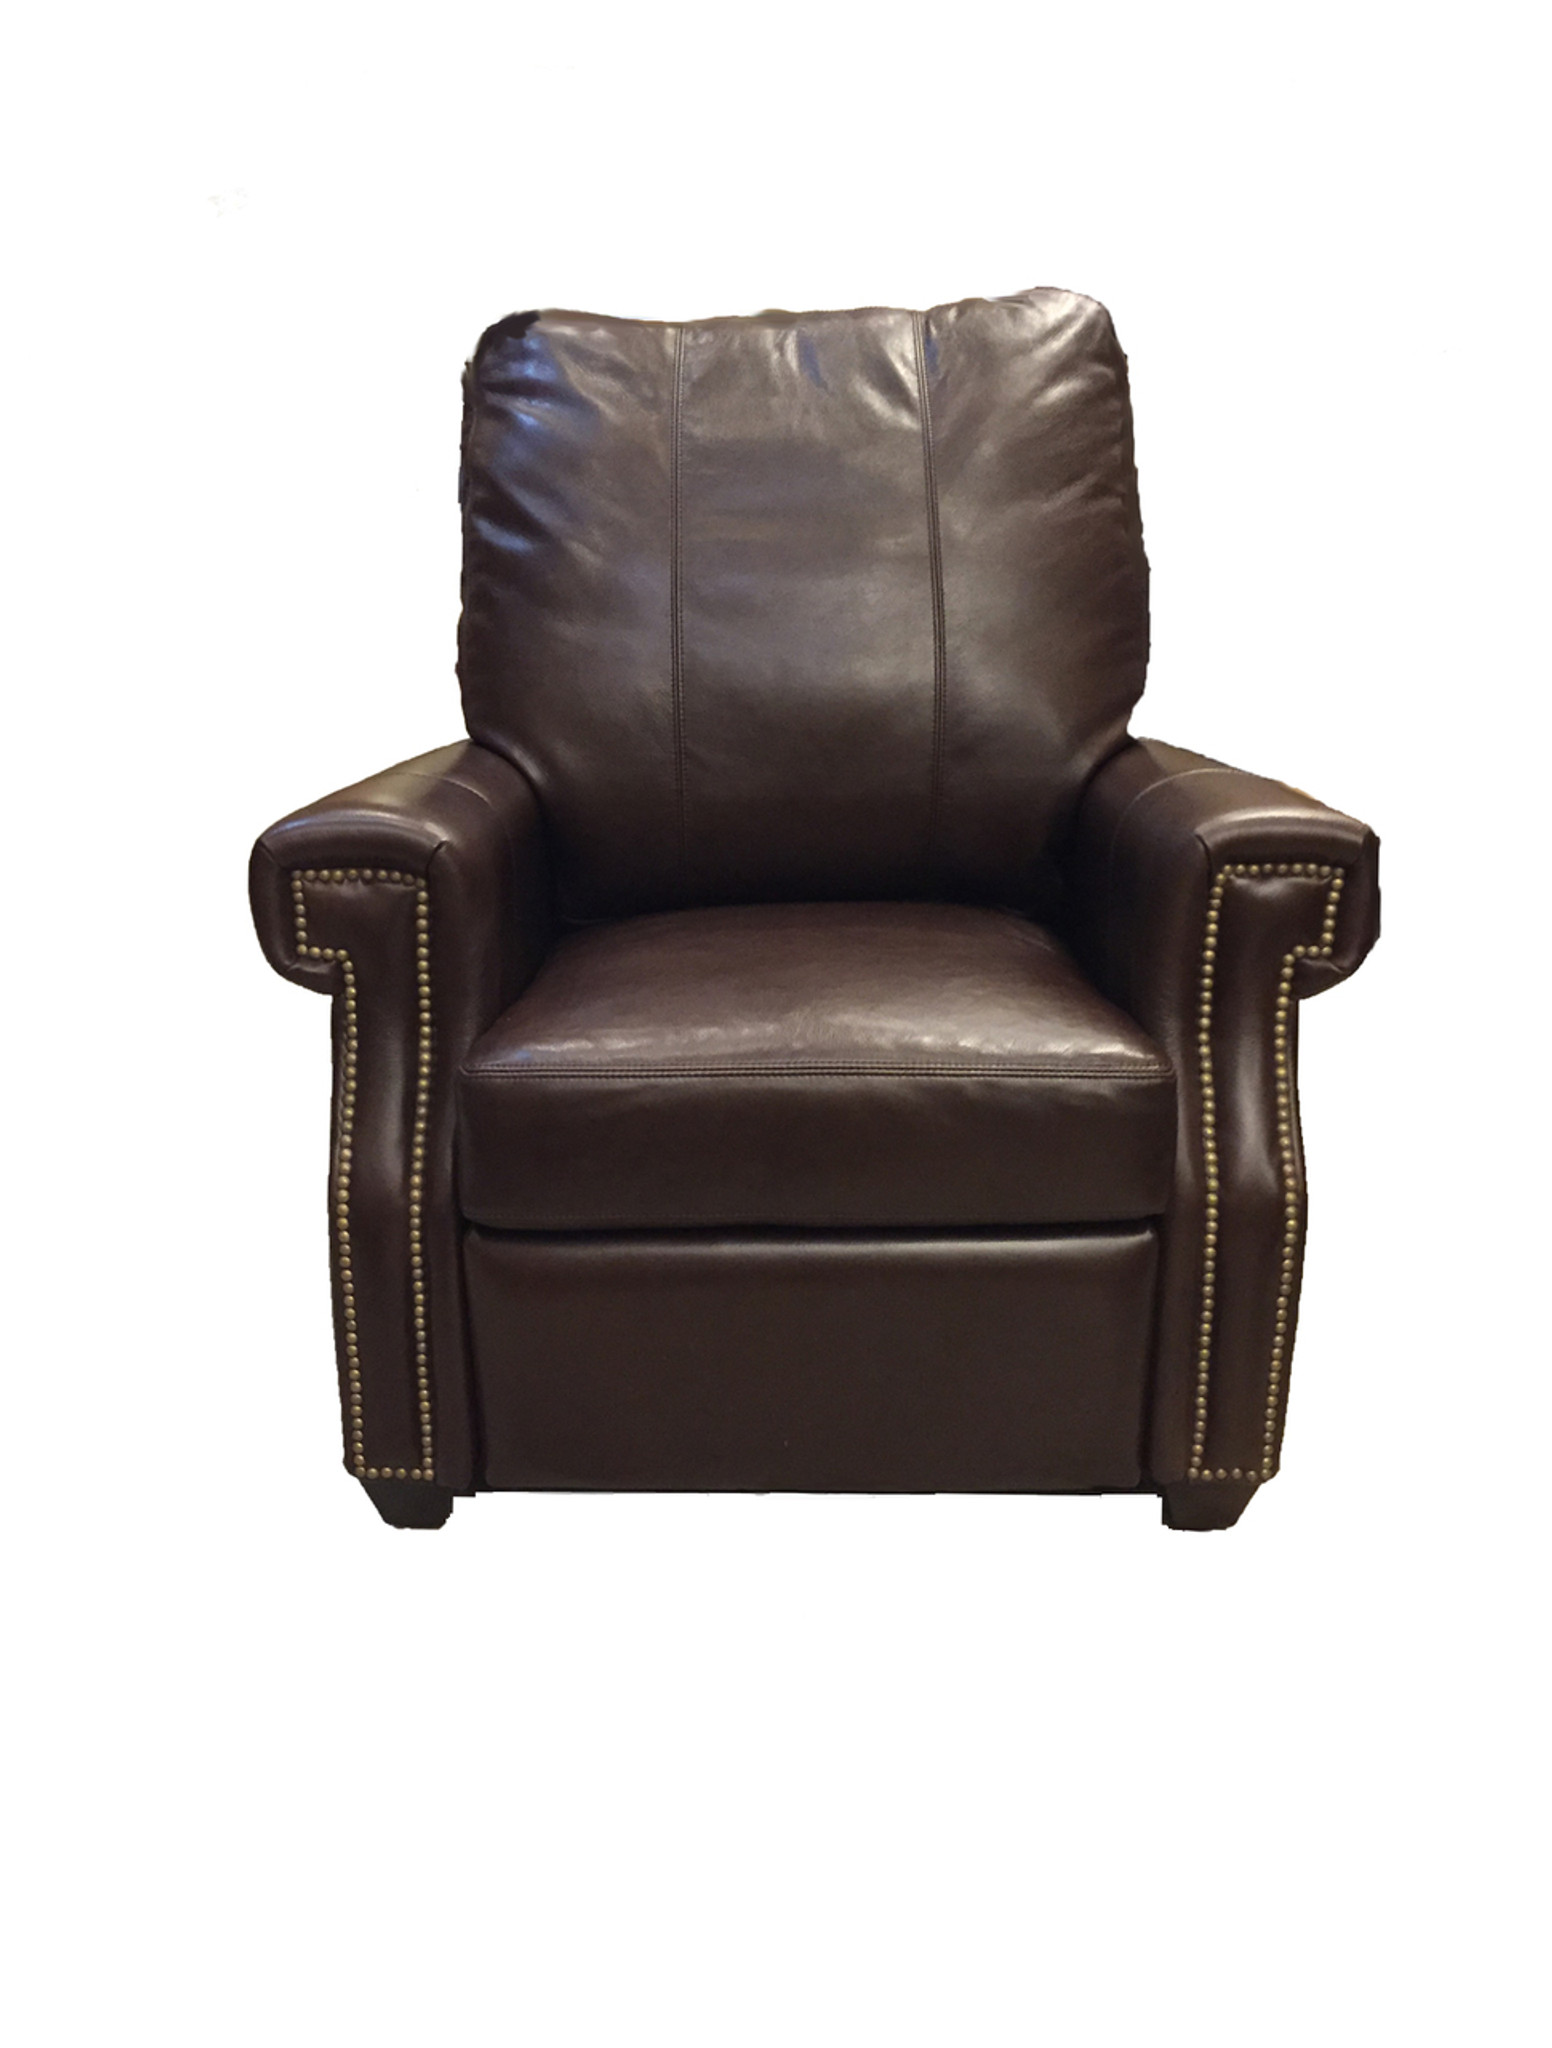 Braxton Leather Sofa American Heritage Custom Leather